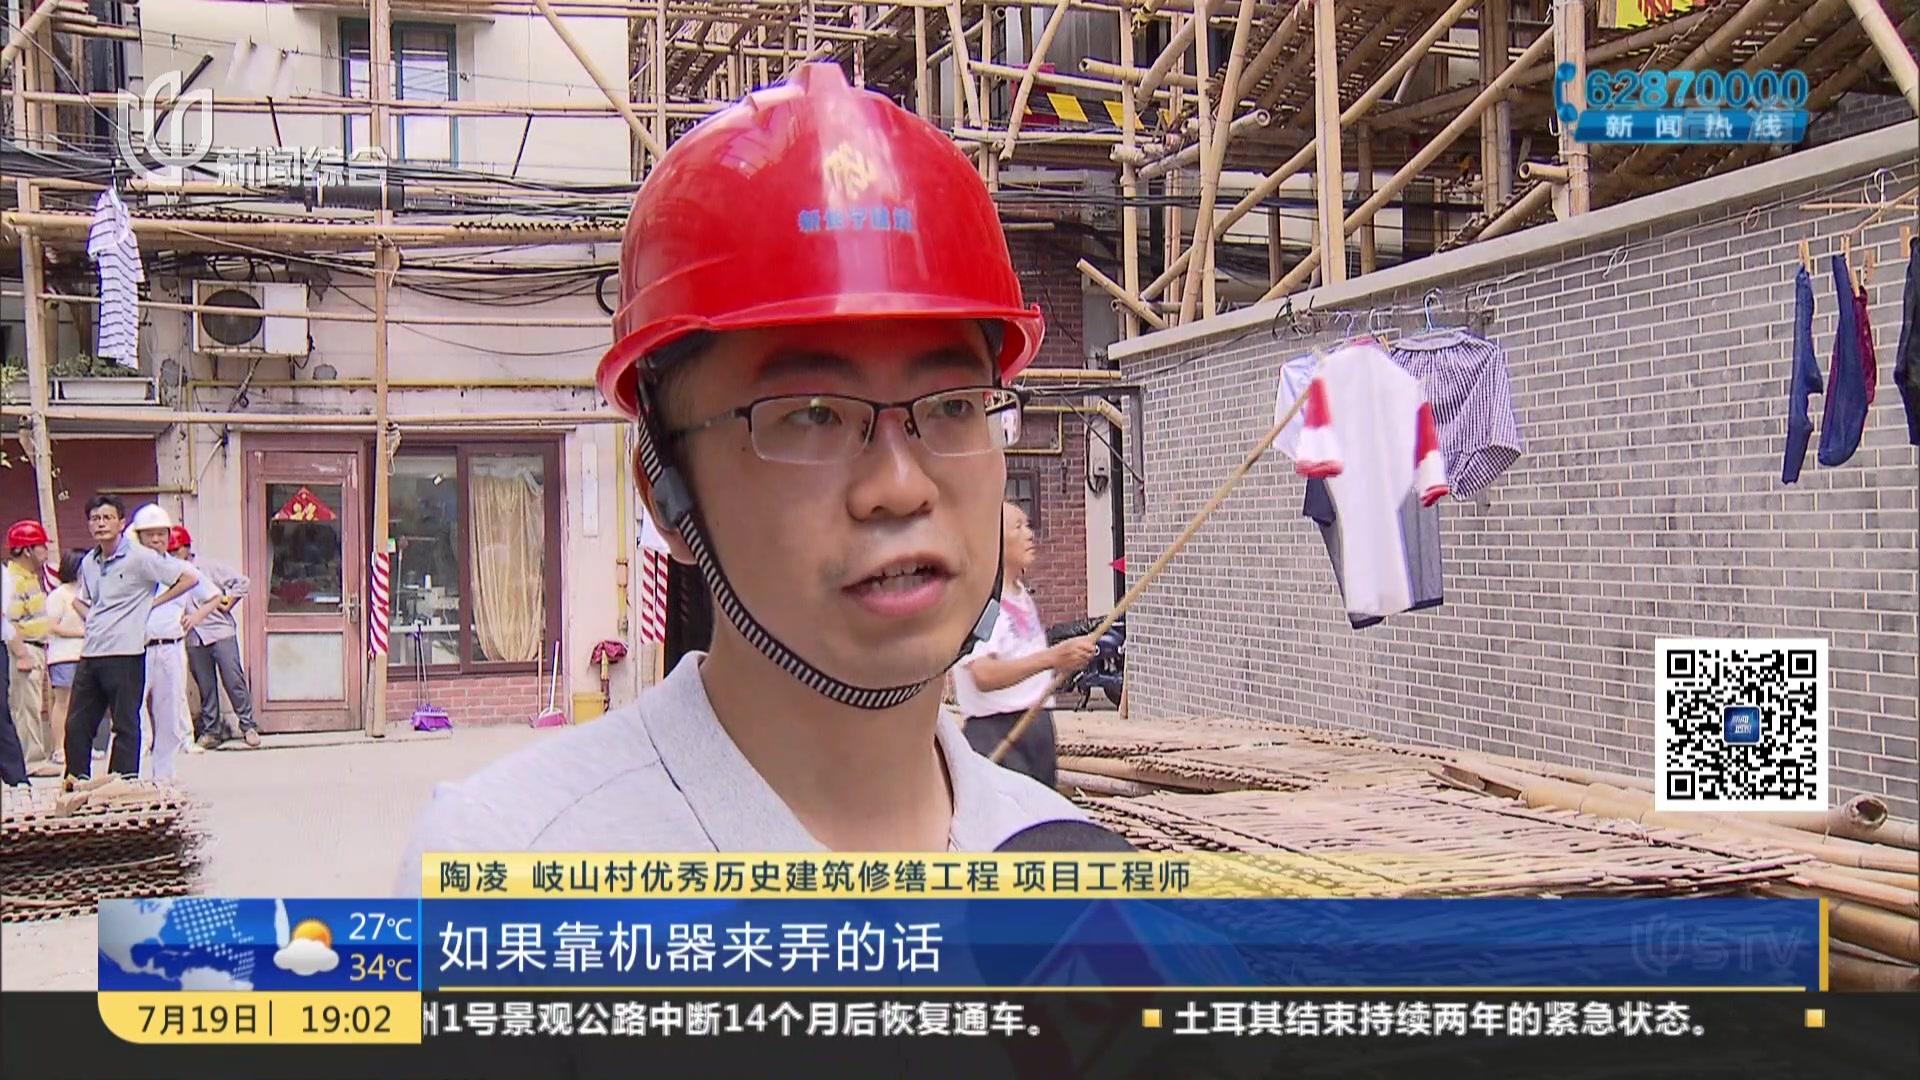 新闻透视:如何重现岐山村90年前海派风貌?